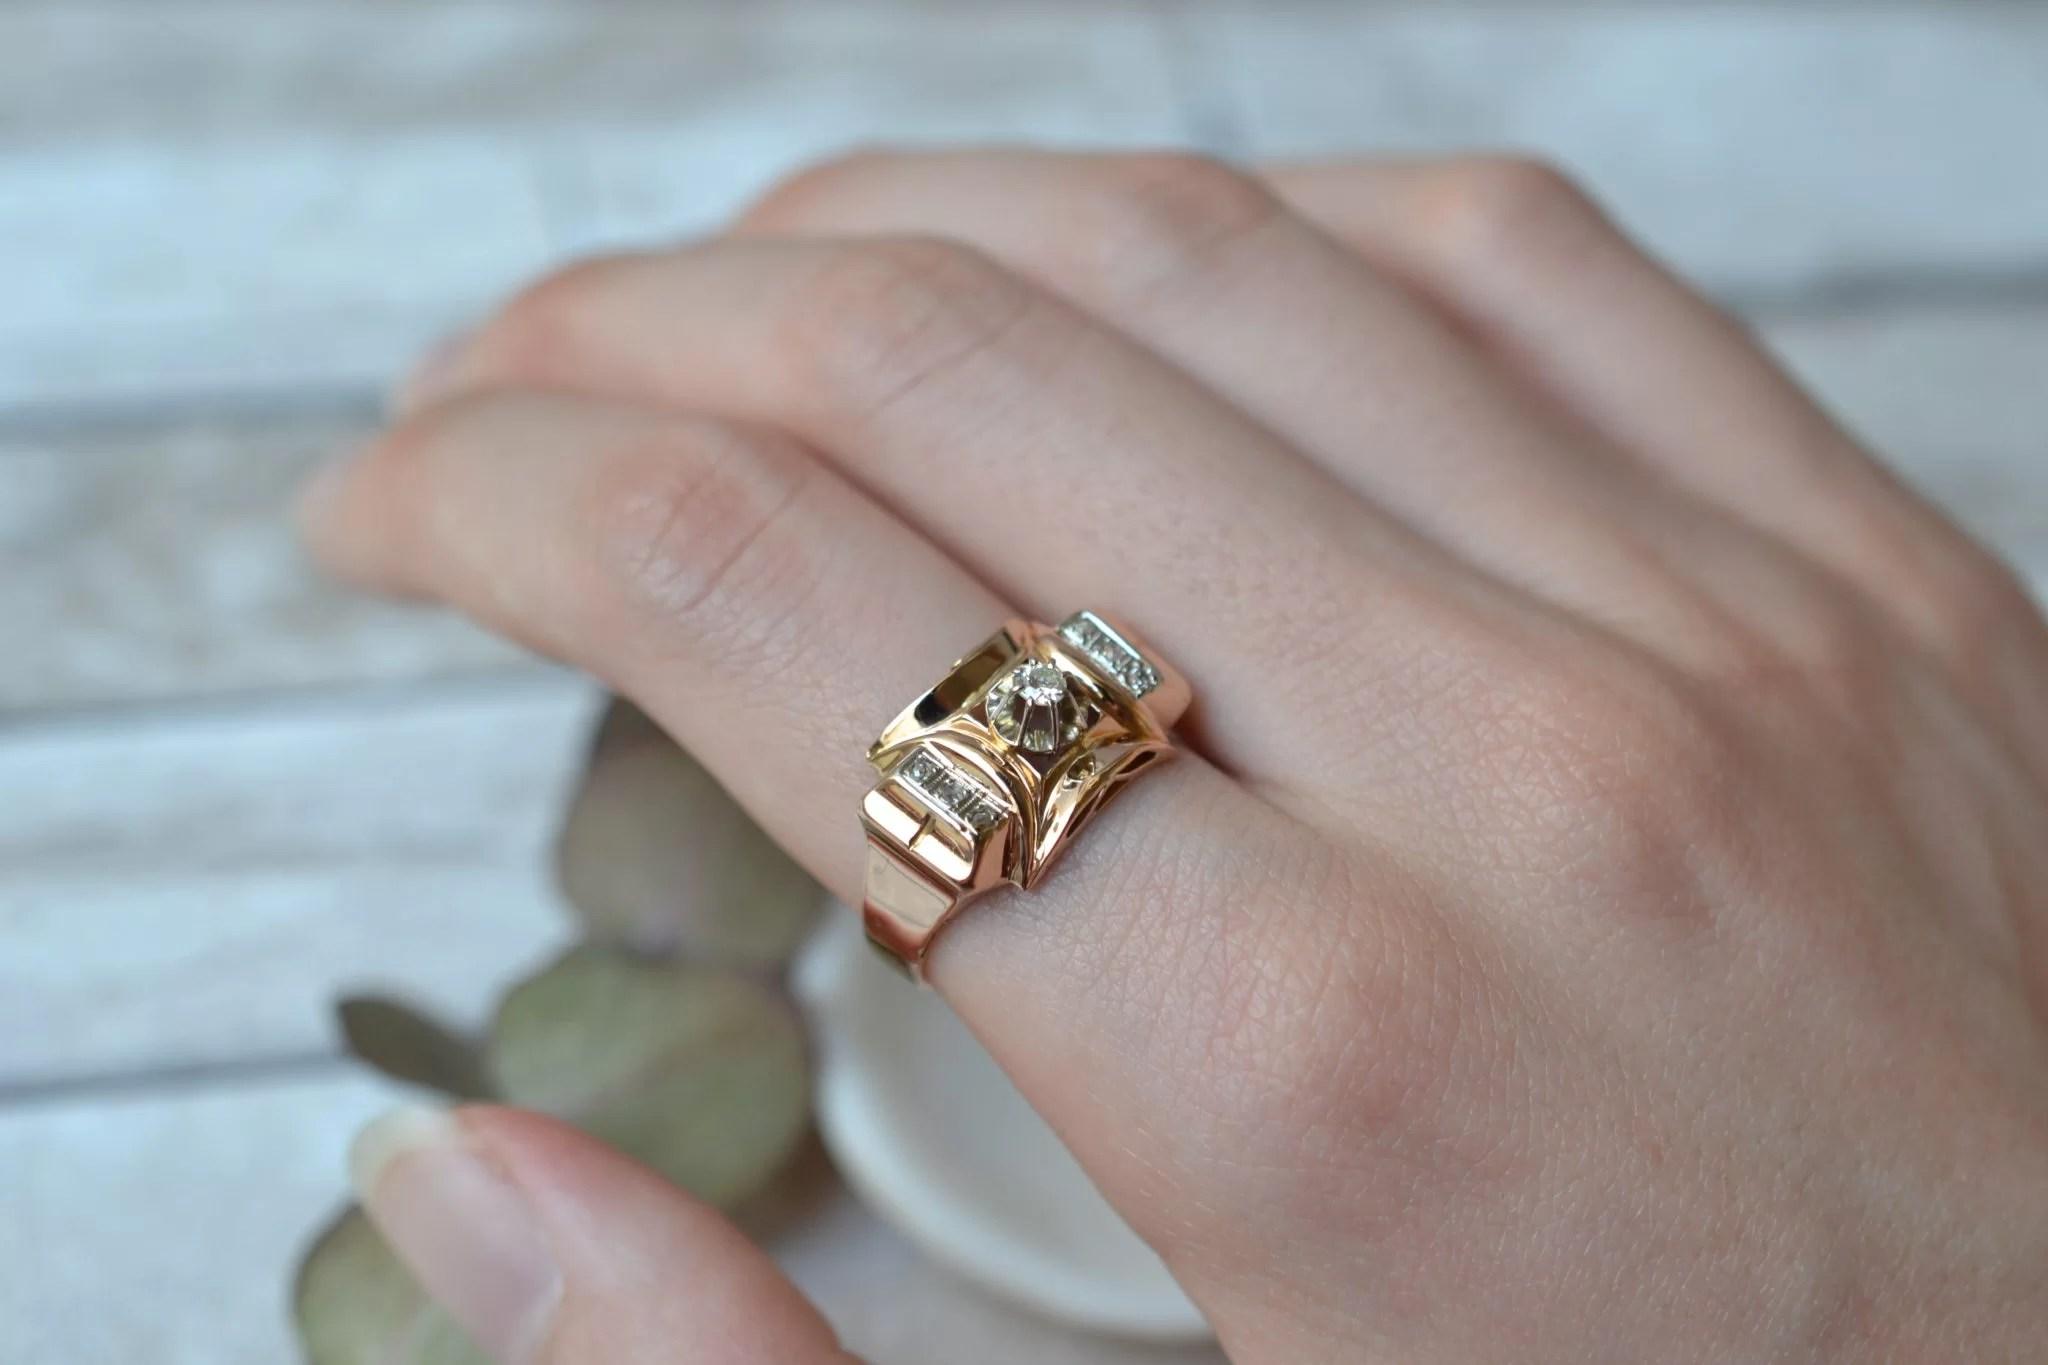 Bague en Or jaune style Tank ornée d_un diamant central, épaulé de deux bandes de diamants - bague d_occasion